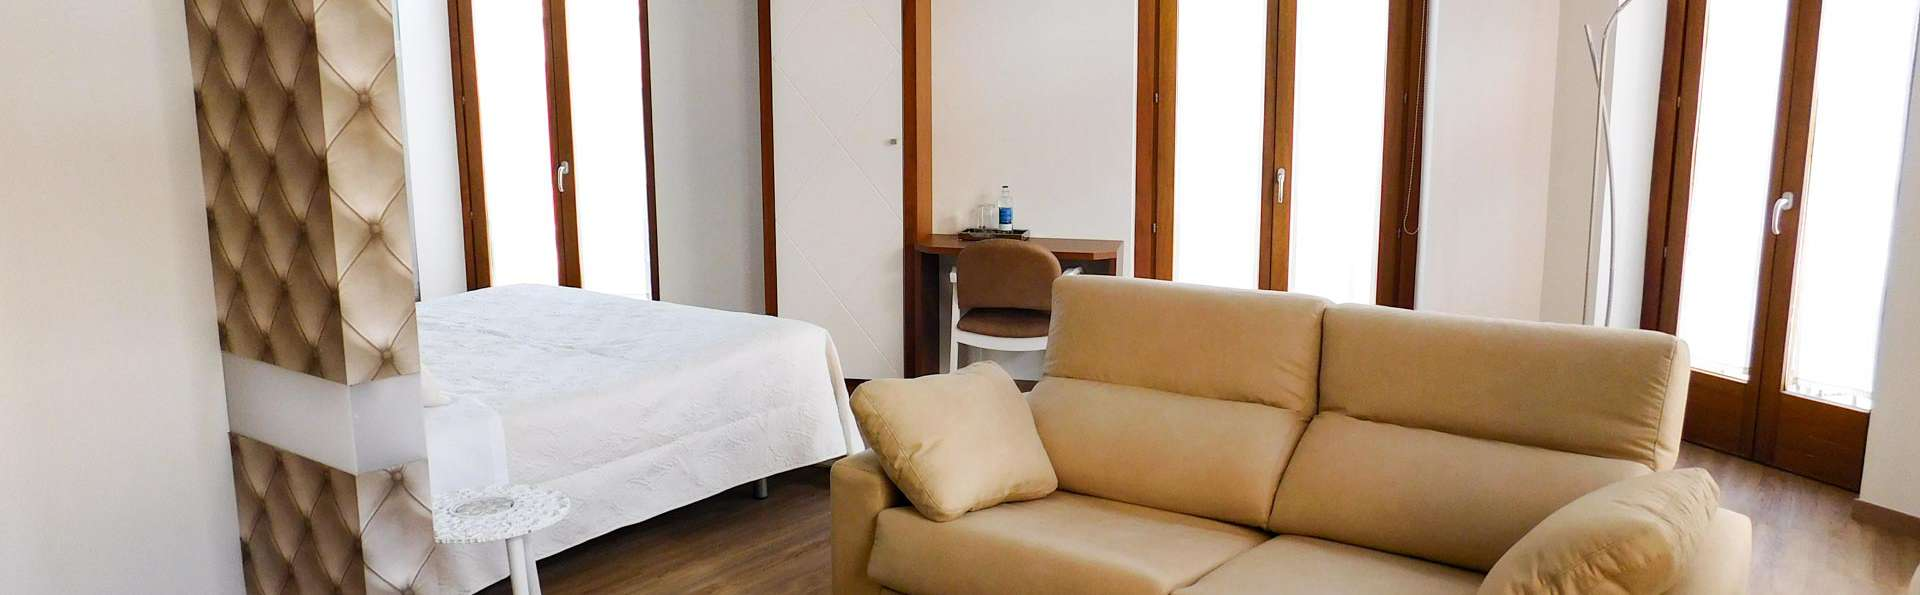 Hotel Boutique Cañitas Spa - EDIT_ROOM_11.jpg